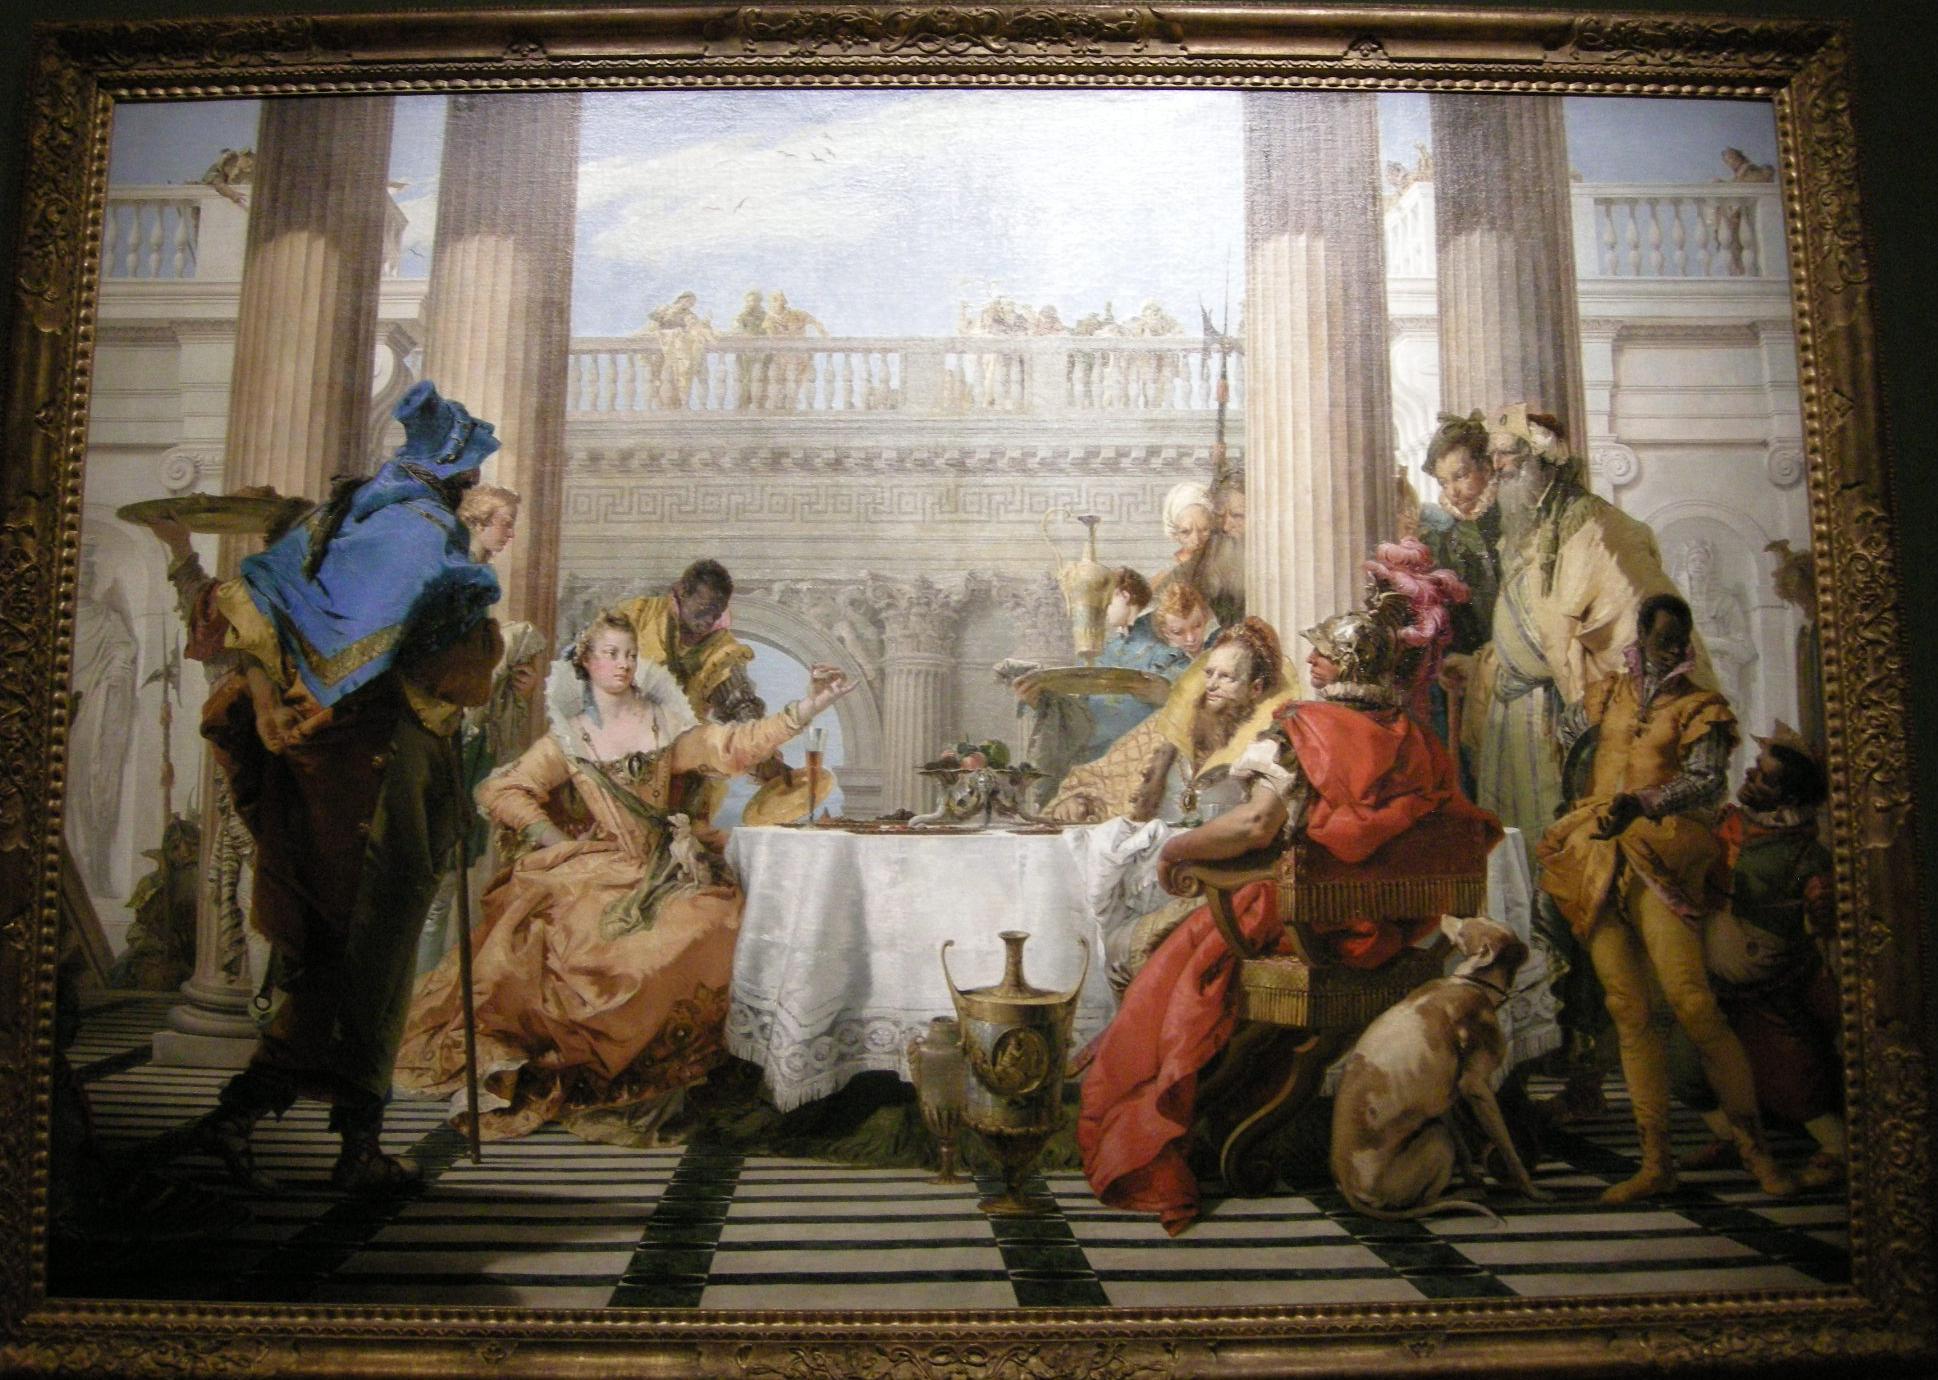 File:Giovanni Battista Tiepolo, banchetto di cleopatra, 1743-44.JPG